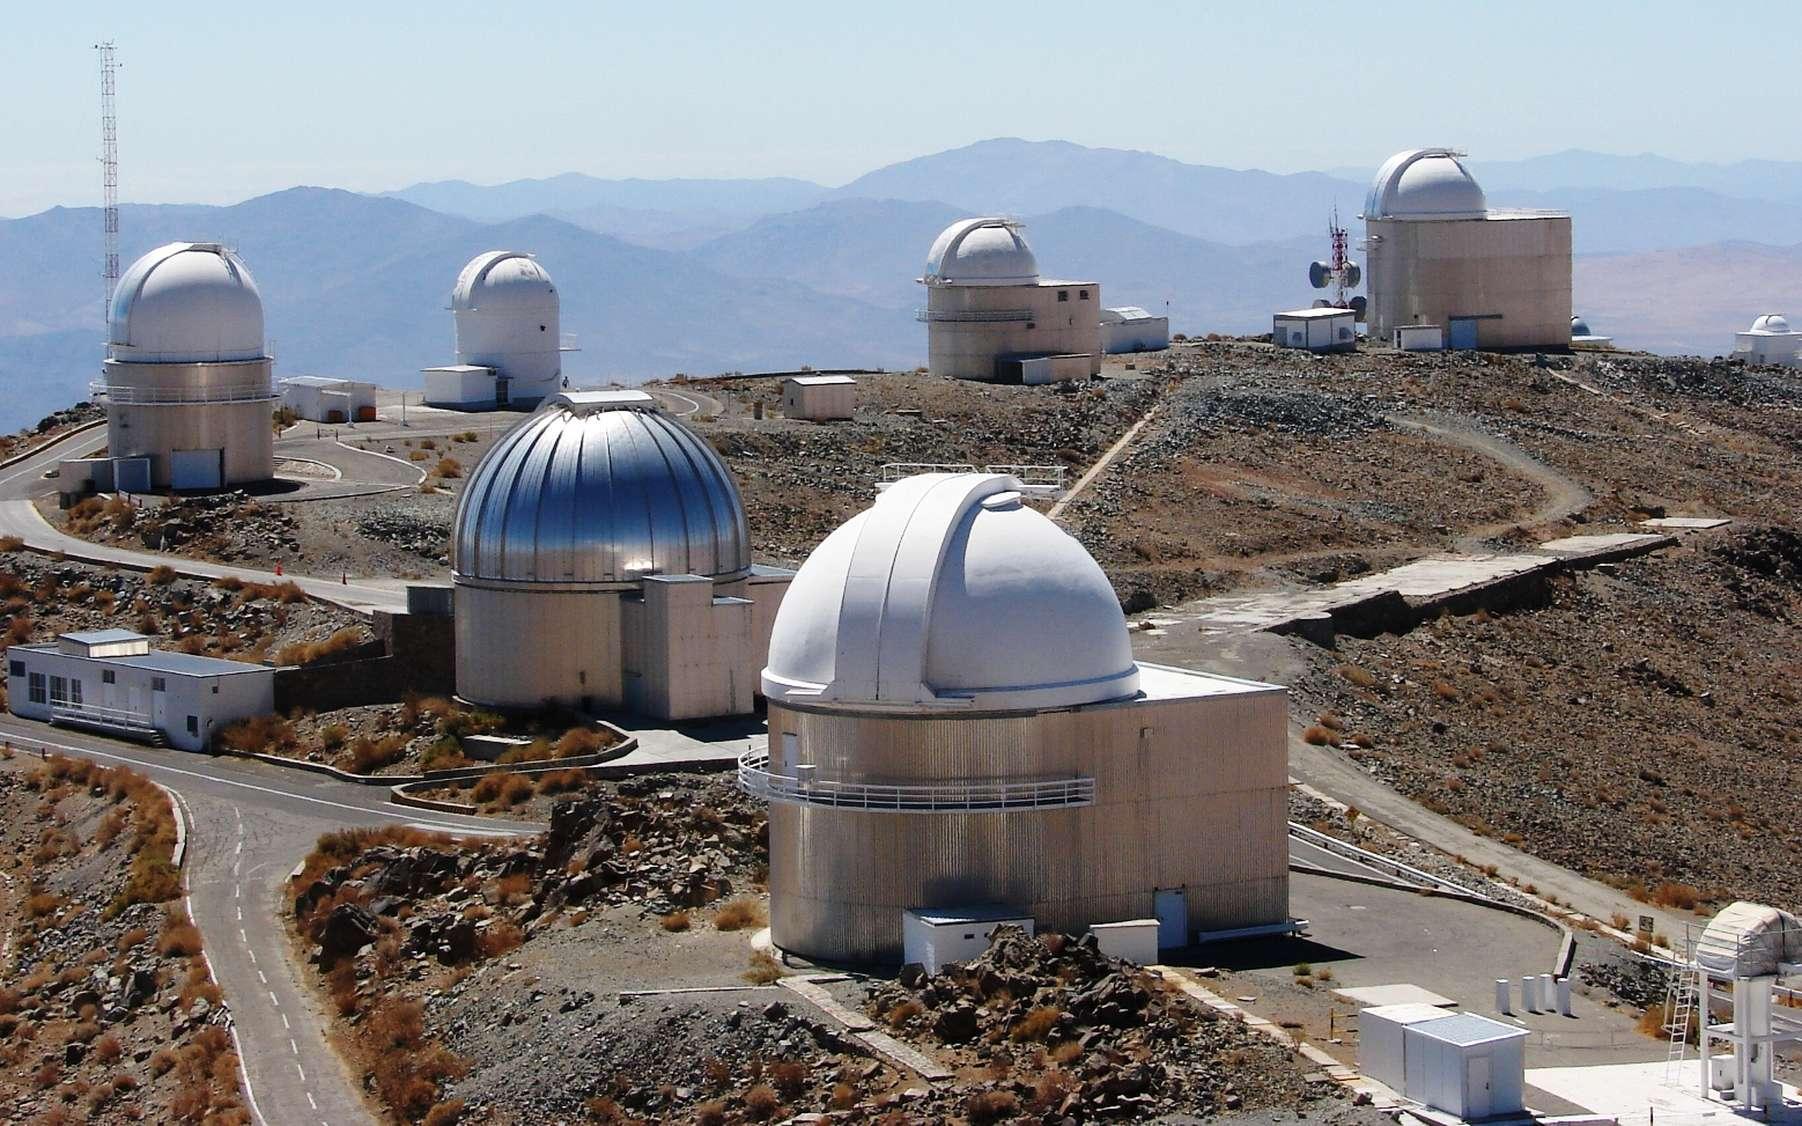 L'étoile Wolf 1061 a été étudiée avec le spectrographe Harps du télescope de 3,6 m de l'Observatoire européen austral à La Silla, au Chili. C'est cet instrument qui a permis de découvrir la superterre potentiellement habitable la plus proche connue à ce jour. © Eso